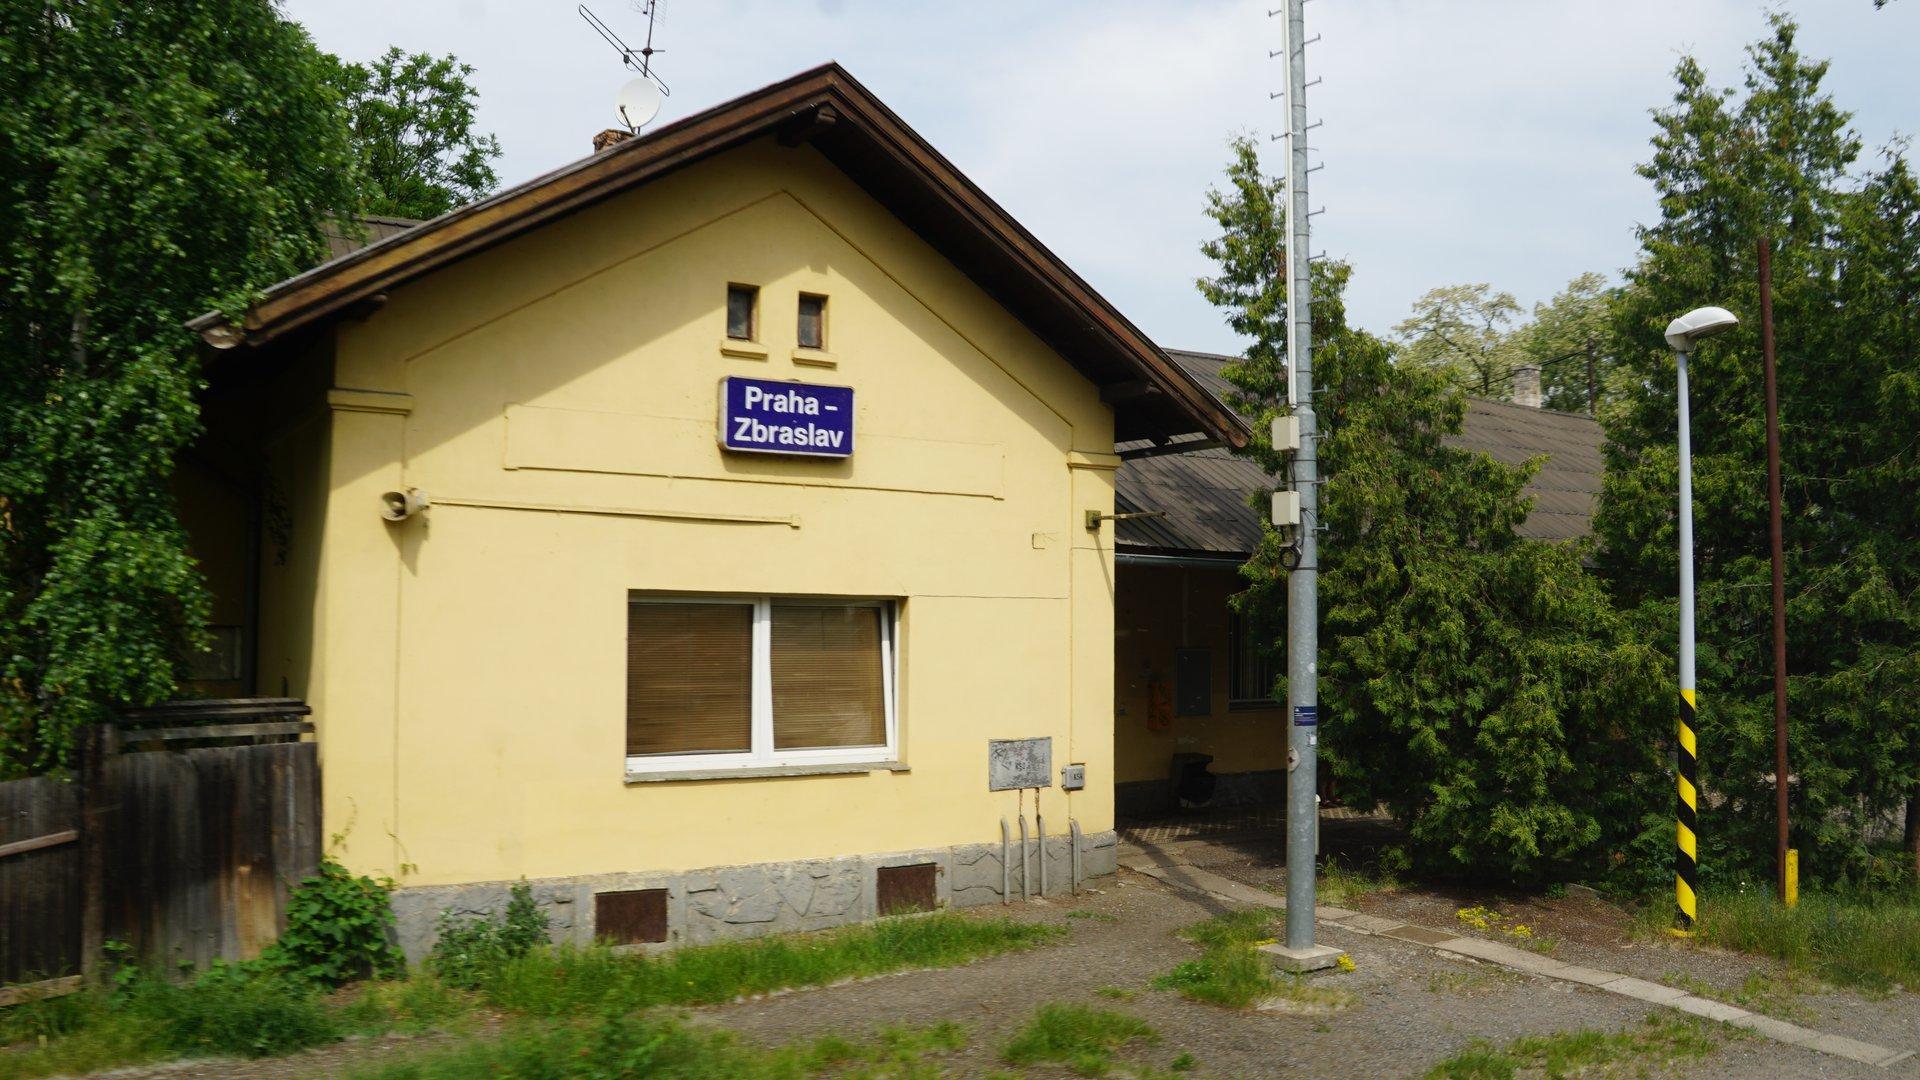 Praha-Zbraslav